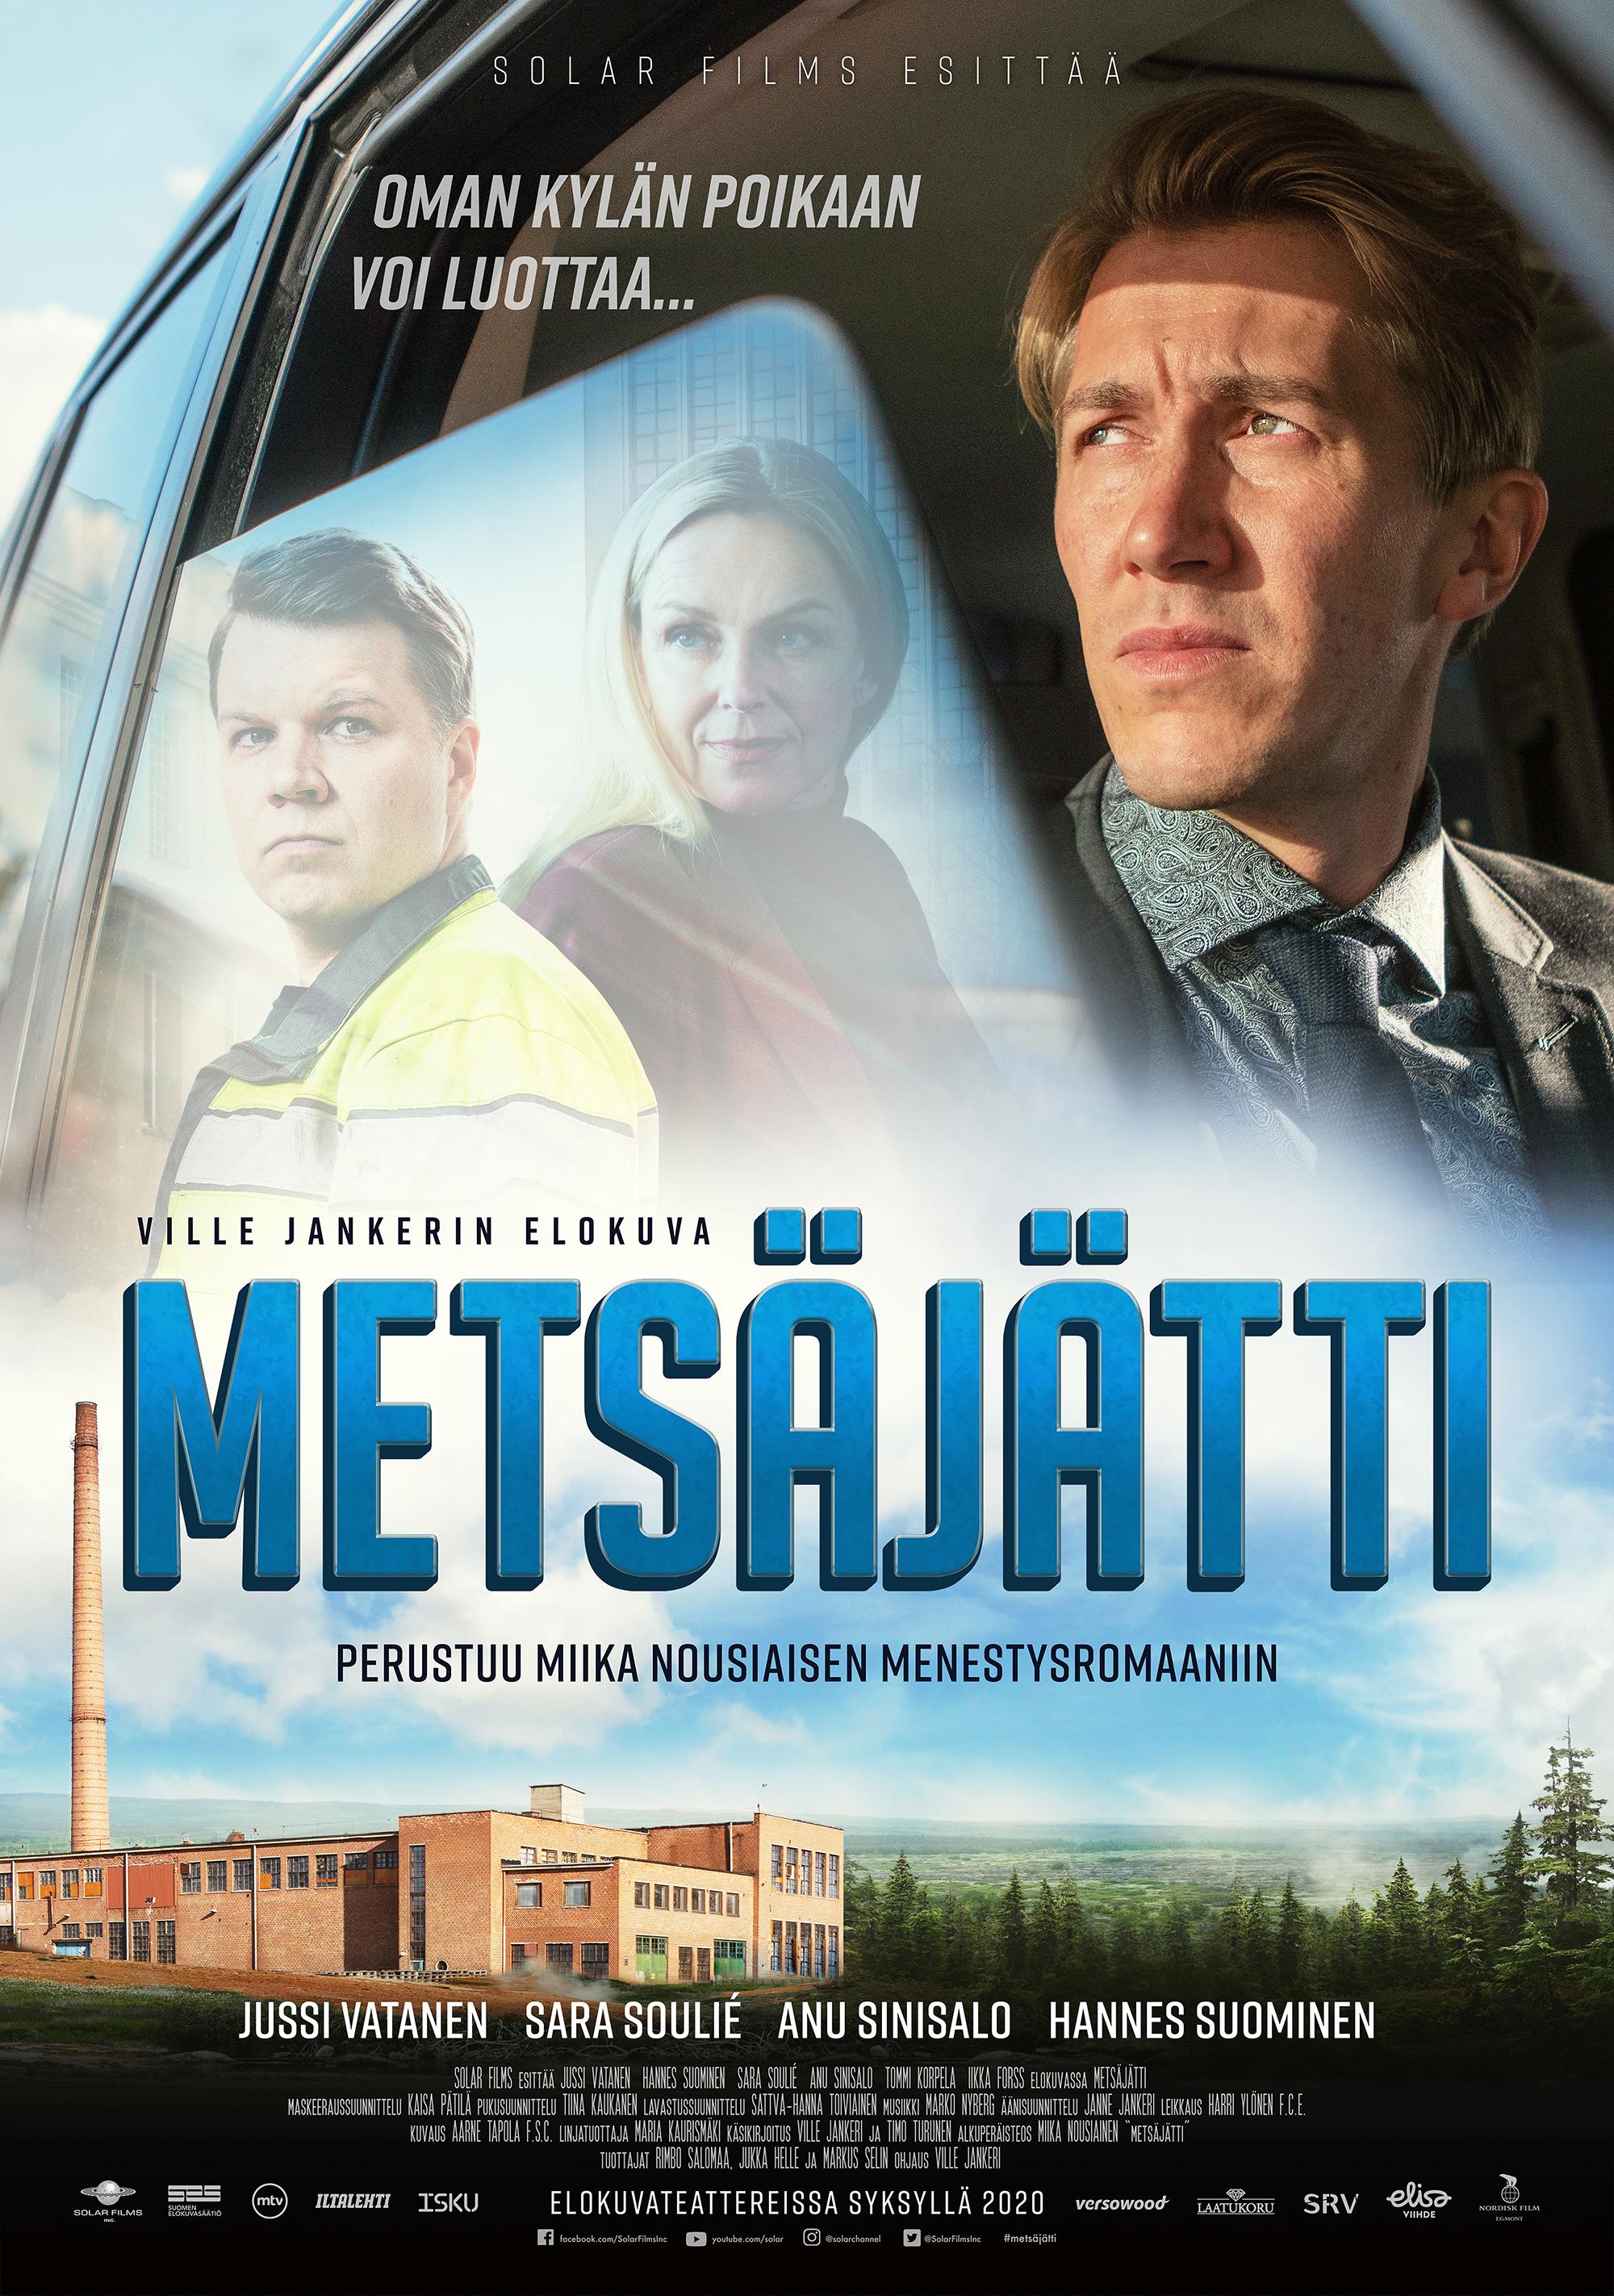 Miika Nousiaisen kirjaan perustuva draamakomedia Metsäjätti Kangasala-talon K-Kinossa syyskuussa 2020.